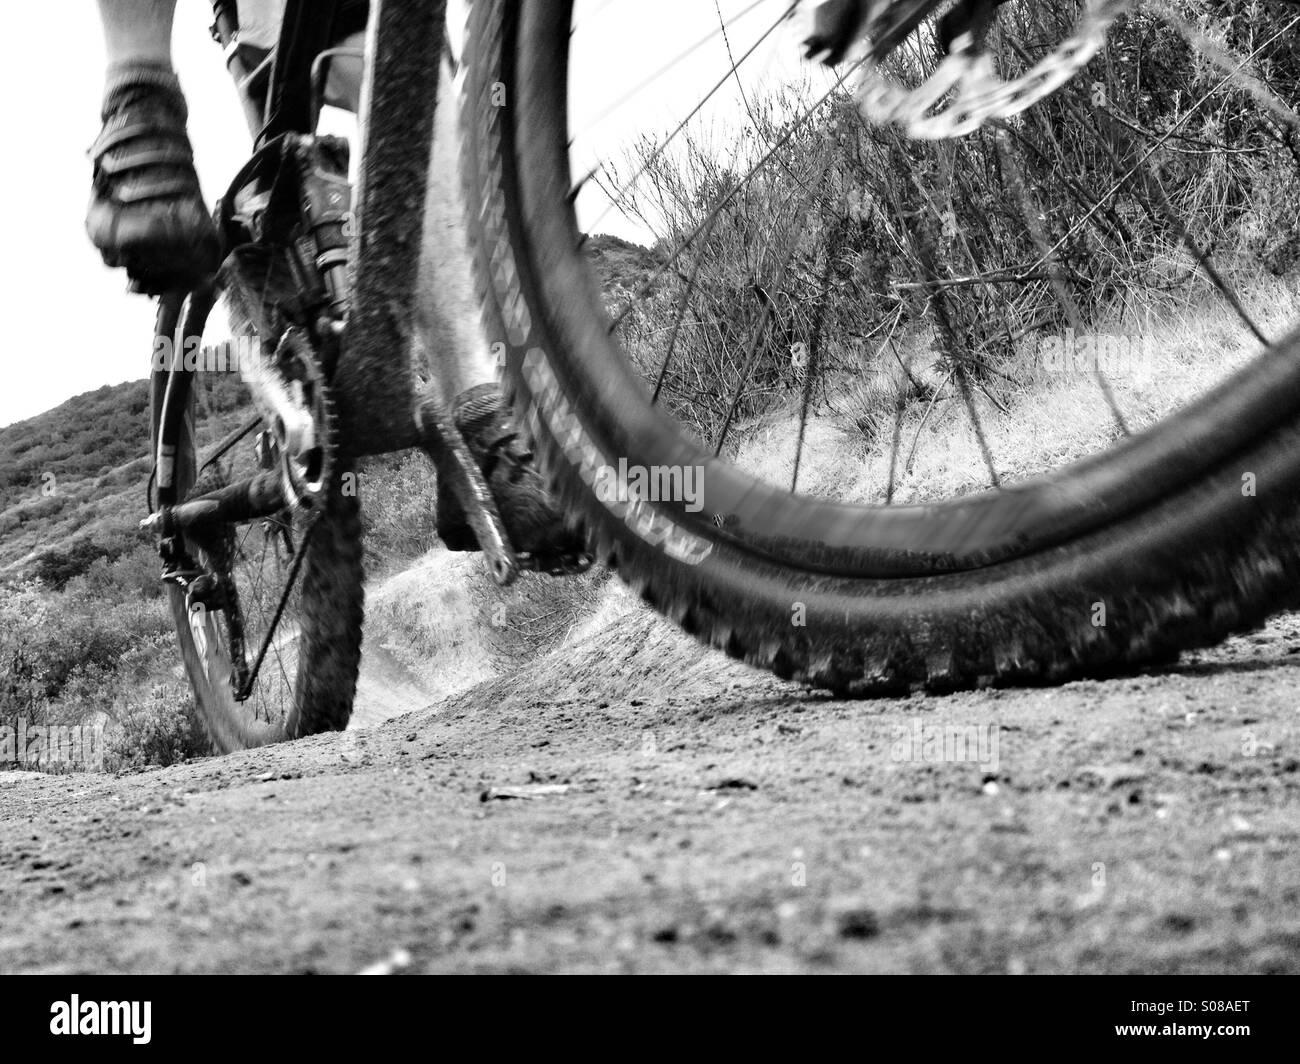 Mountain biker rides a dirt trail in Laguna Beach California USA. - Stock Image